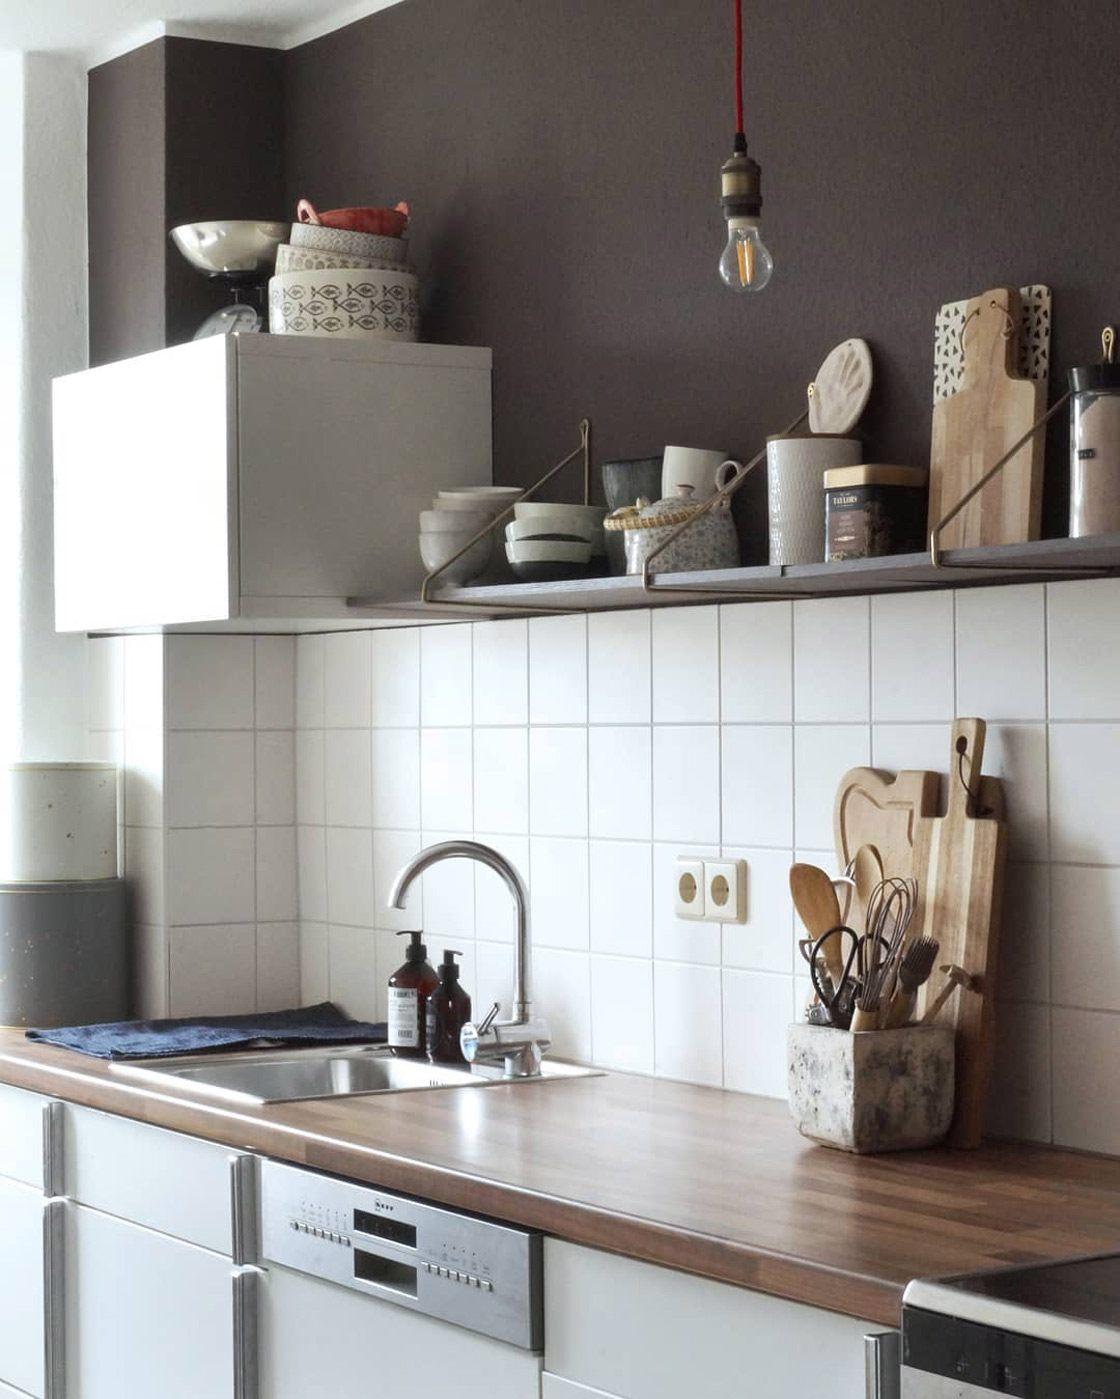 Full Size of Küche Einrichten Ideen Küche Einrichten Dekorieren Schmale Küche Einrichten Küche Einrichten Dachschräge Küche Küche Einrichten